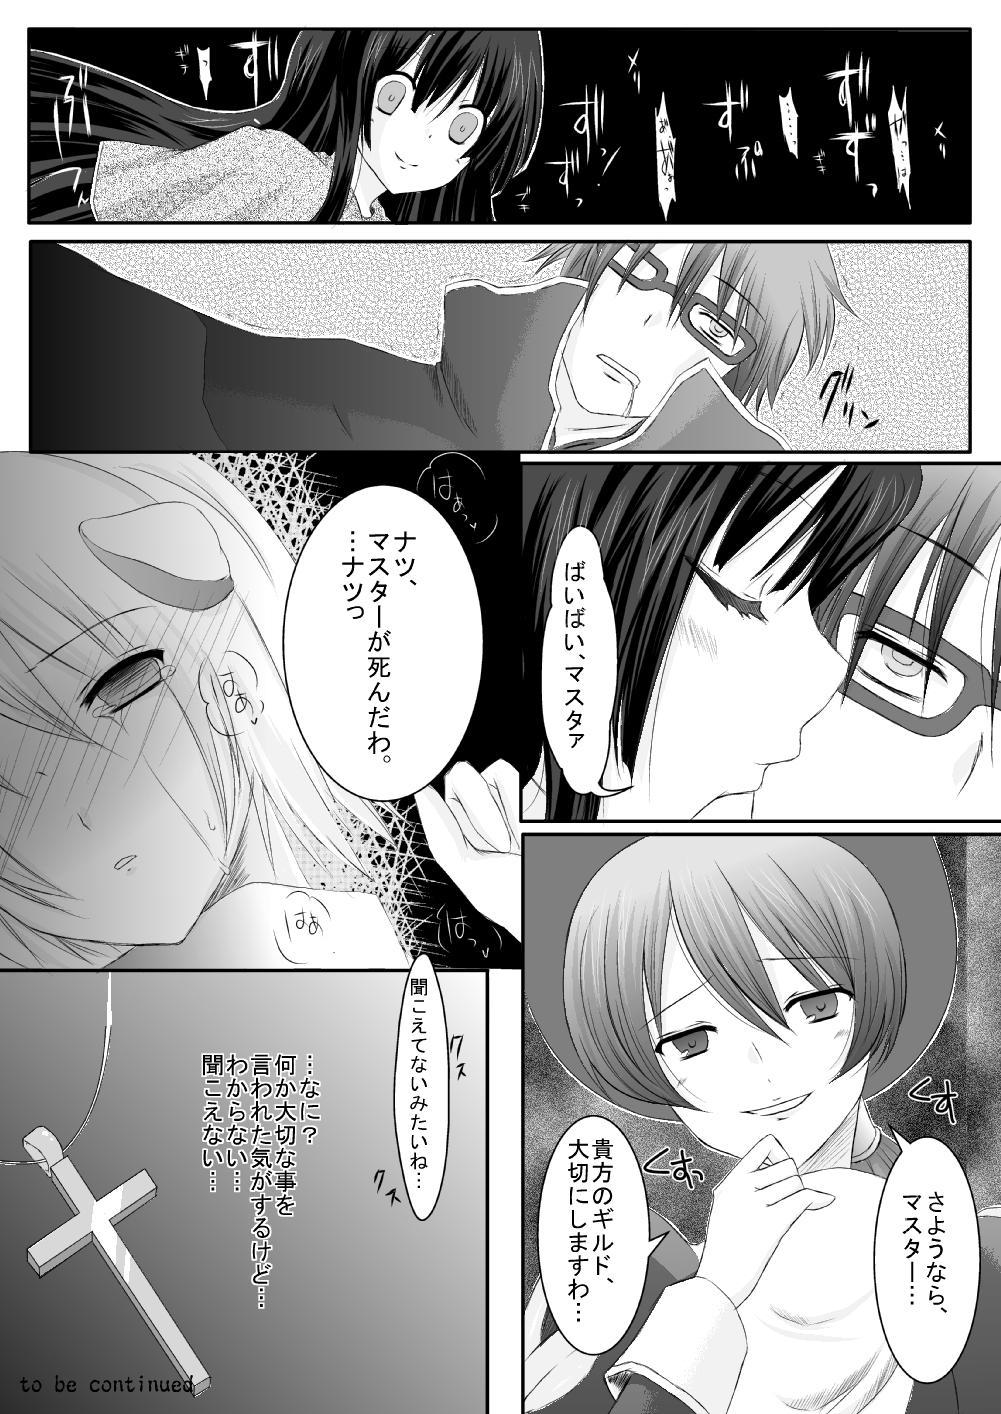 ラ○ナロク素プリ寝取られ本総集編 109